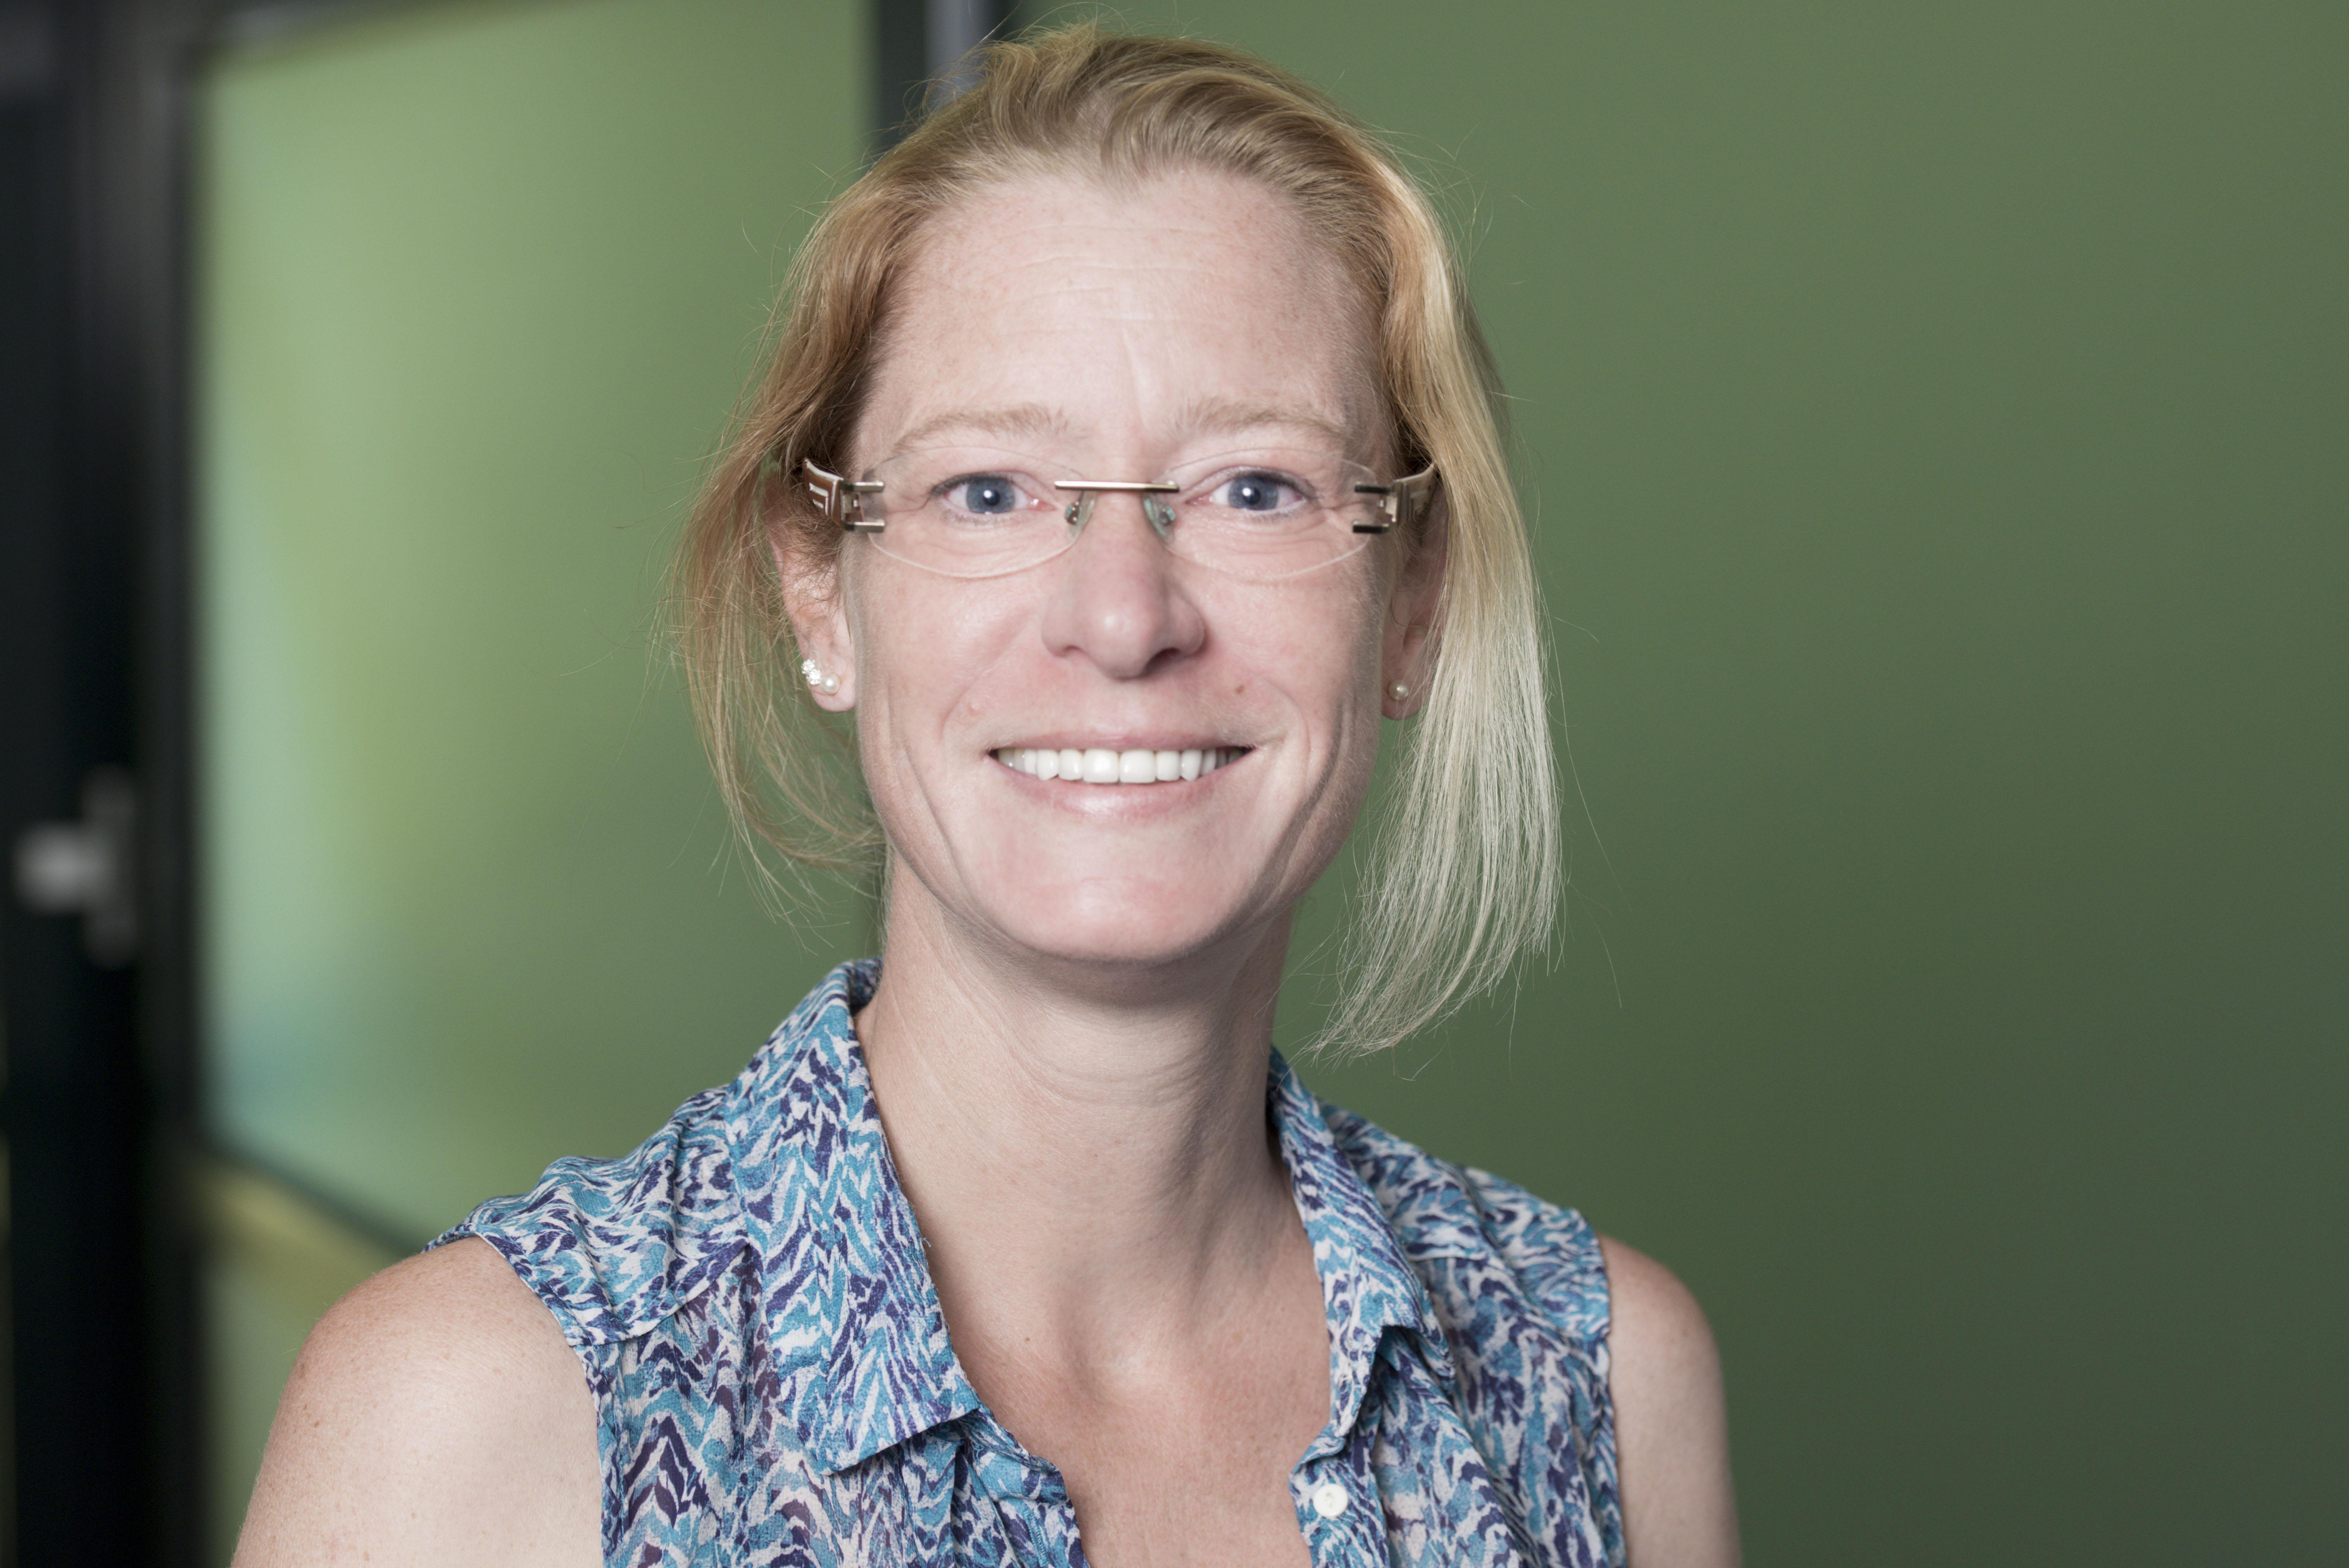 Susanne Vohl